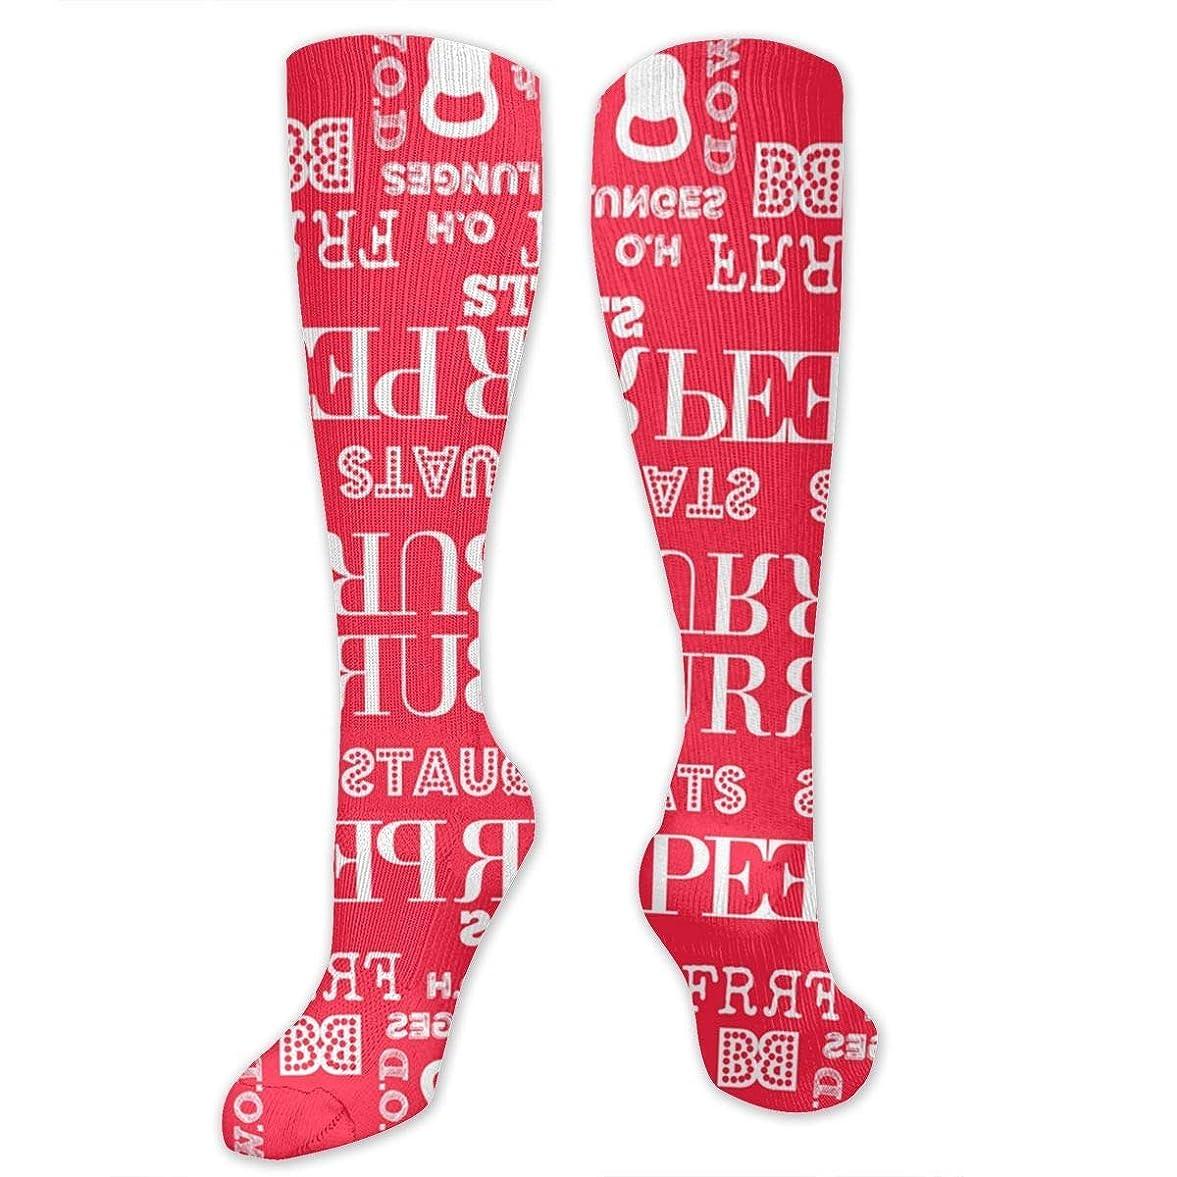 フォアマン樫の木学士靴下,ストッキング,野生のジョーカー,実際,秋の本質,冬必須,サマーウェア&RBXAA I Love Burpees Red Socks Women's Winter Cotton Long Tube Socks Cotton Solid & Patterned Dress Socks